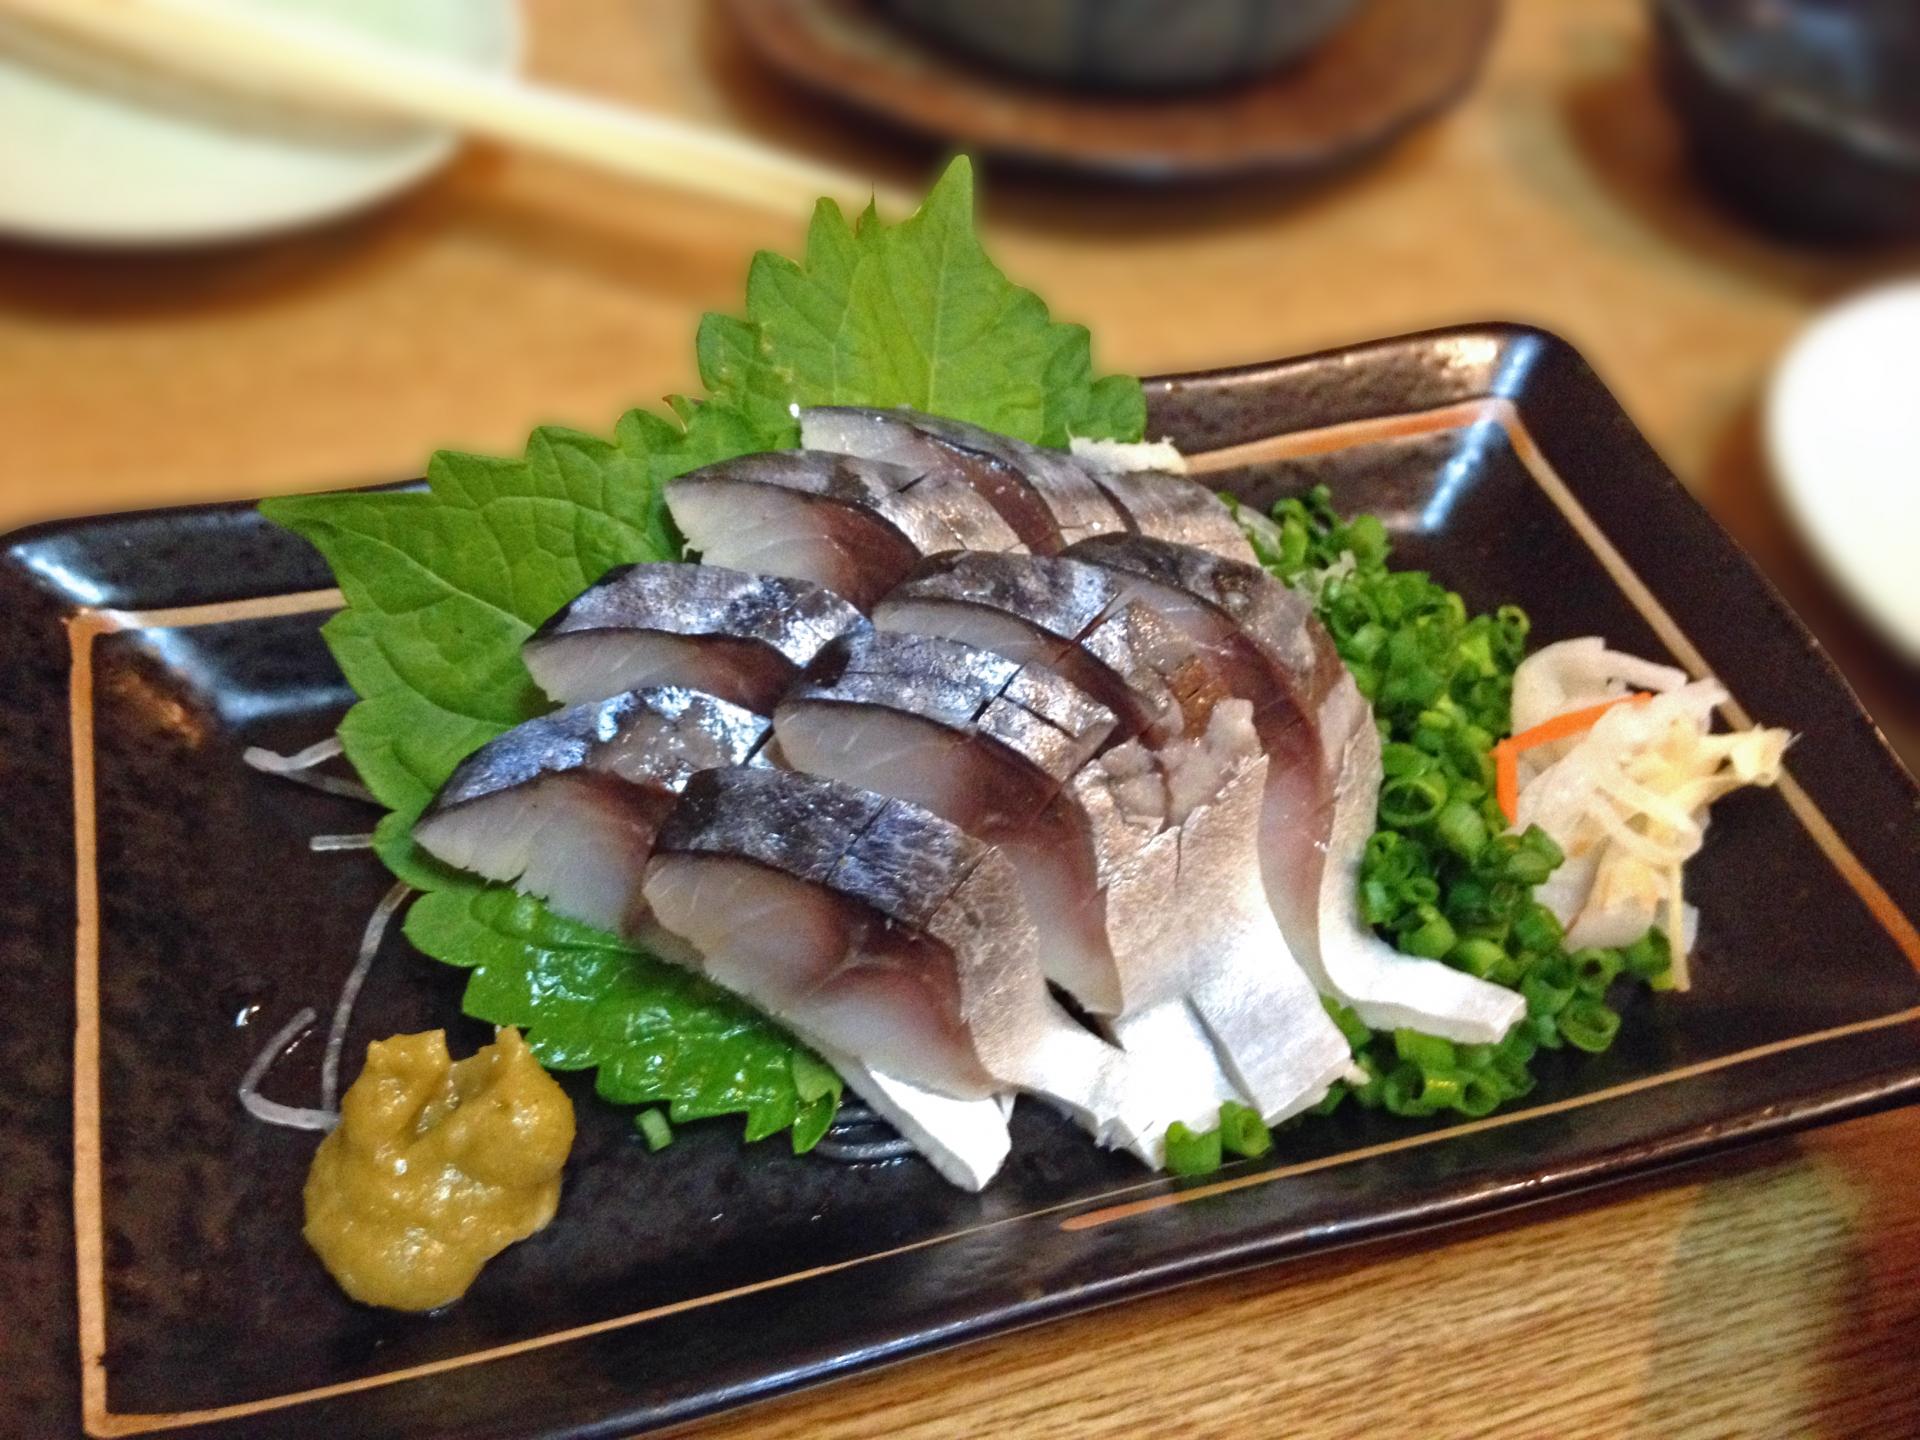 青魚の効率的な摂取方法